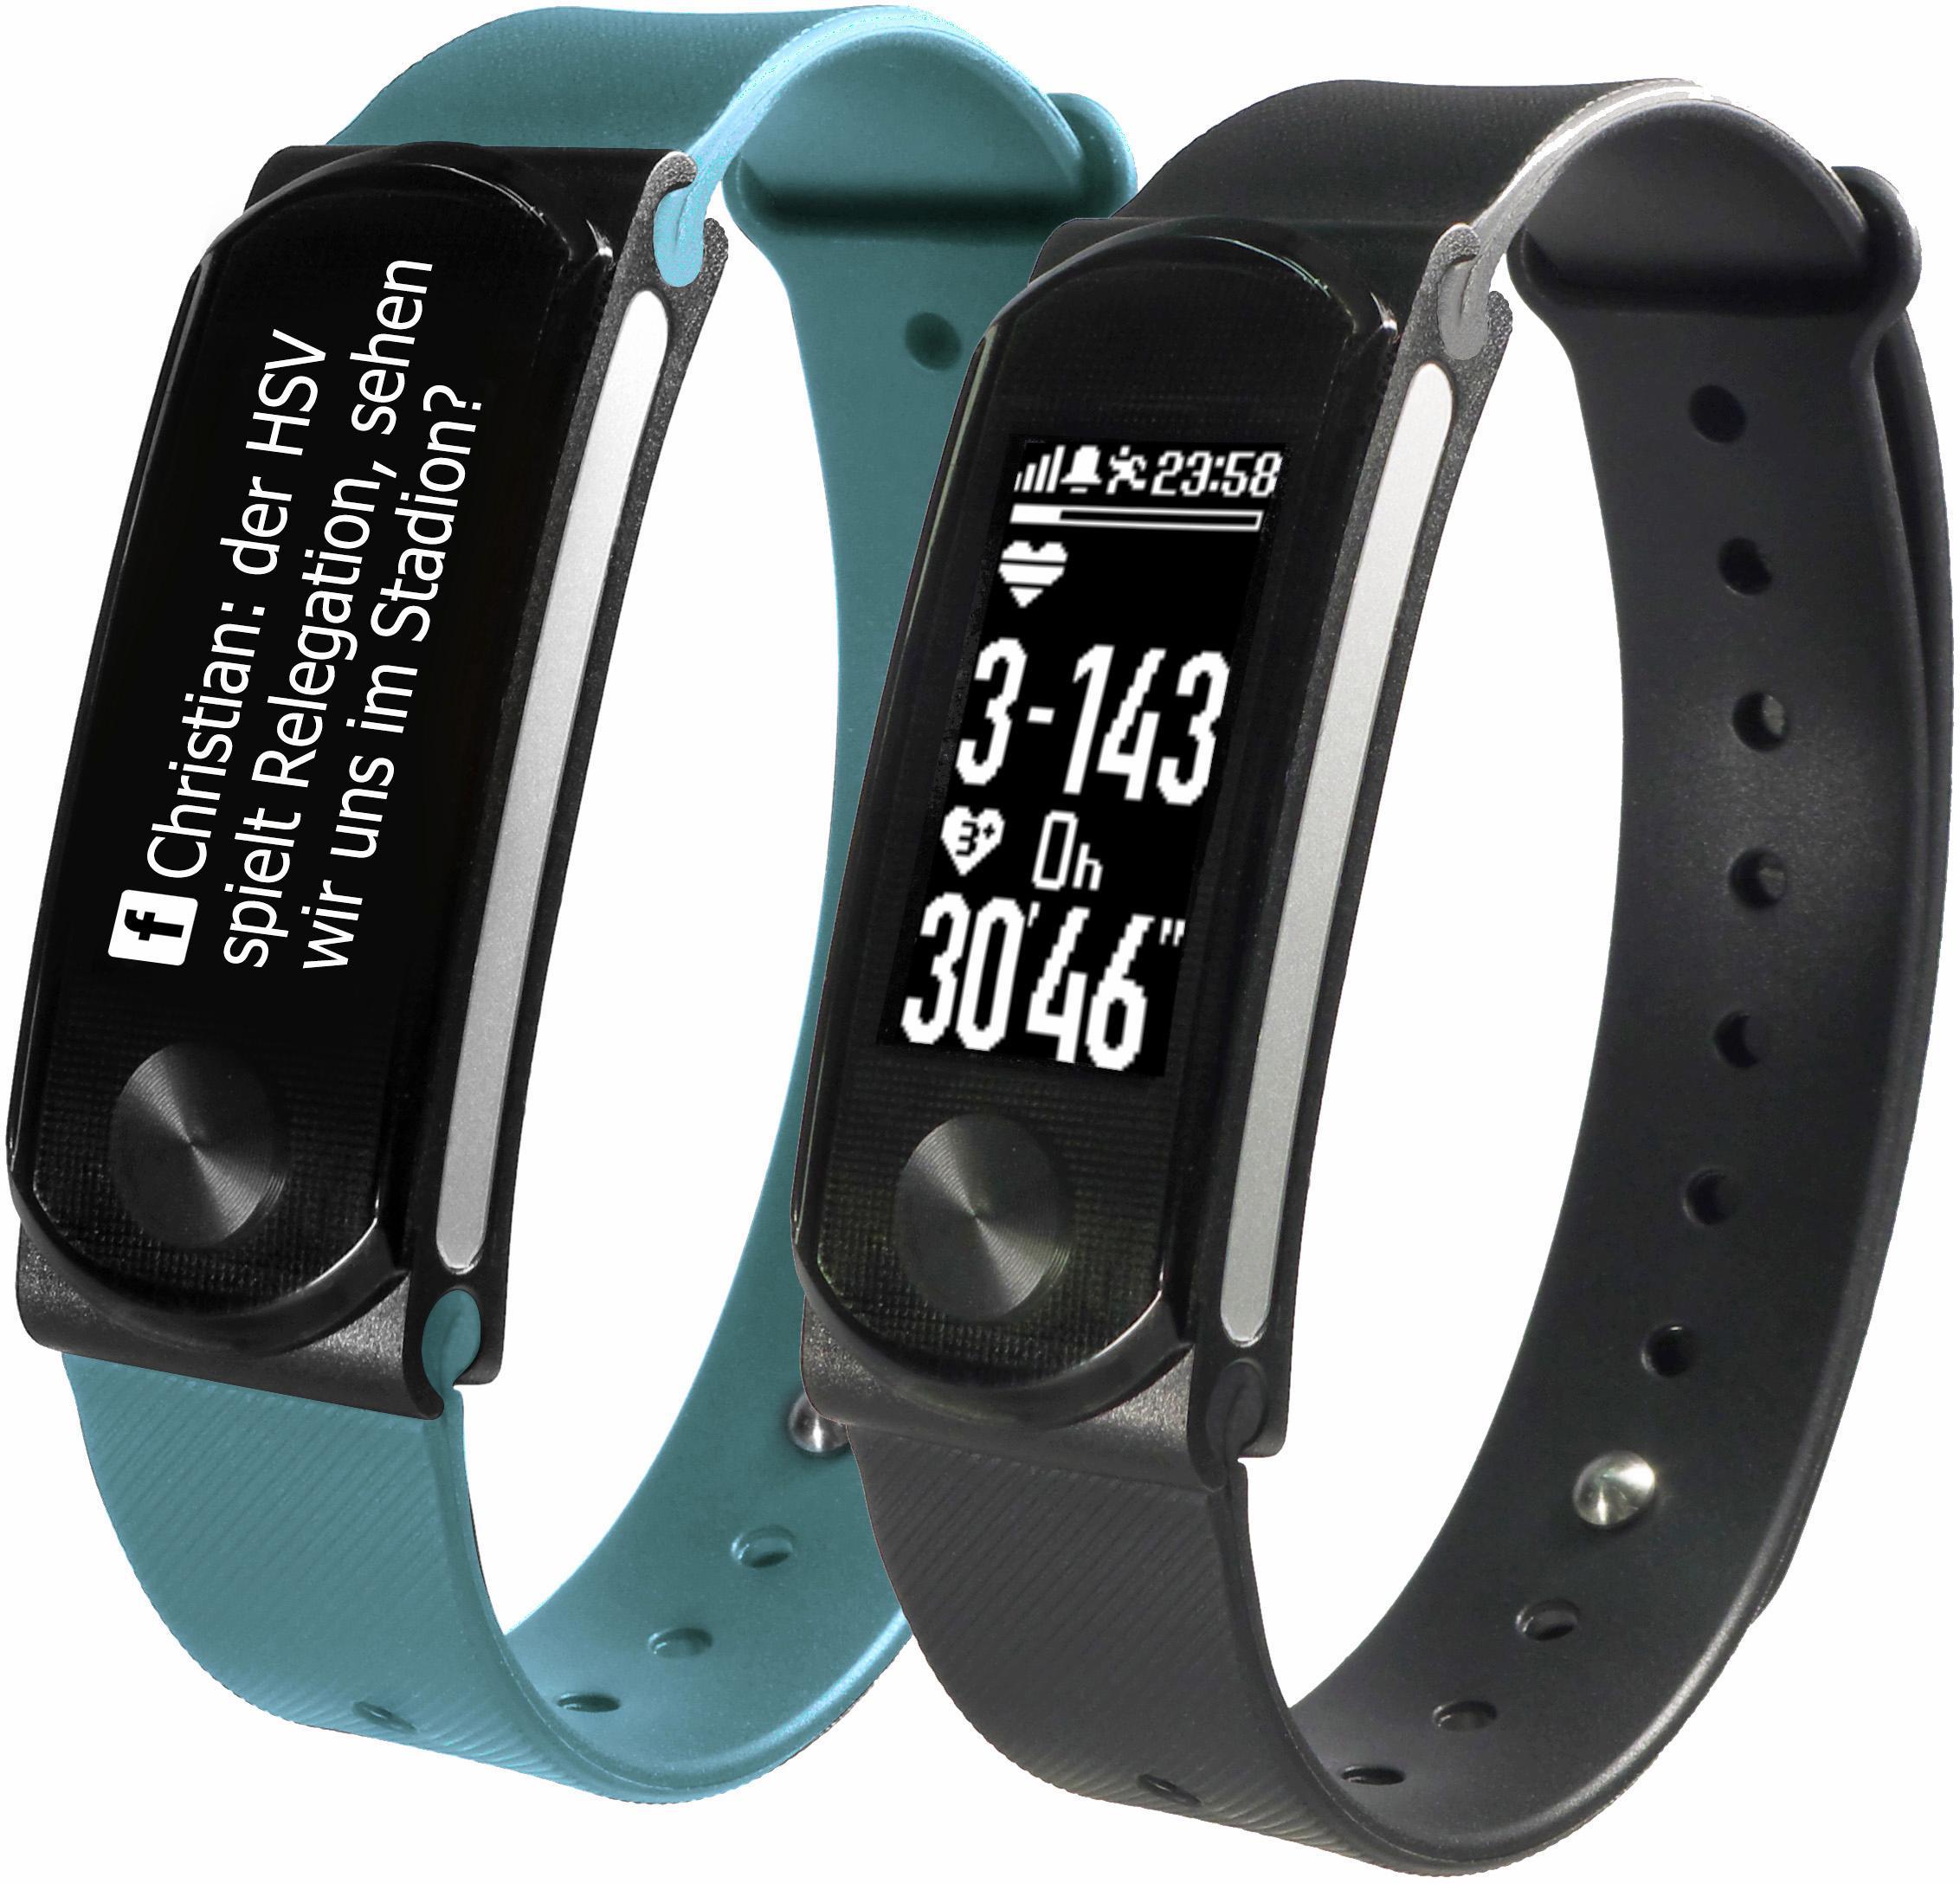 Sportplus Fitness-Armband/Smartwatch, inklusive 2 Armbänder und Herzfrequenzmesser, »Q-Band HR+ SP-AT-BLE-90« | Uhren > Smartwatches | Mehrfarbig | Ab - Denim | SPORTPLUS